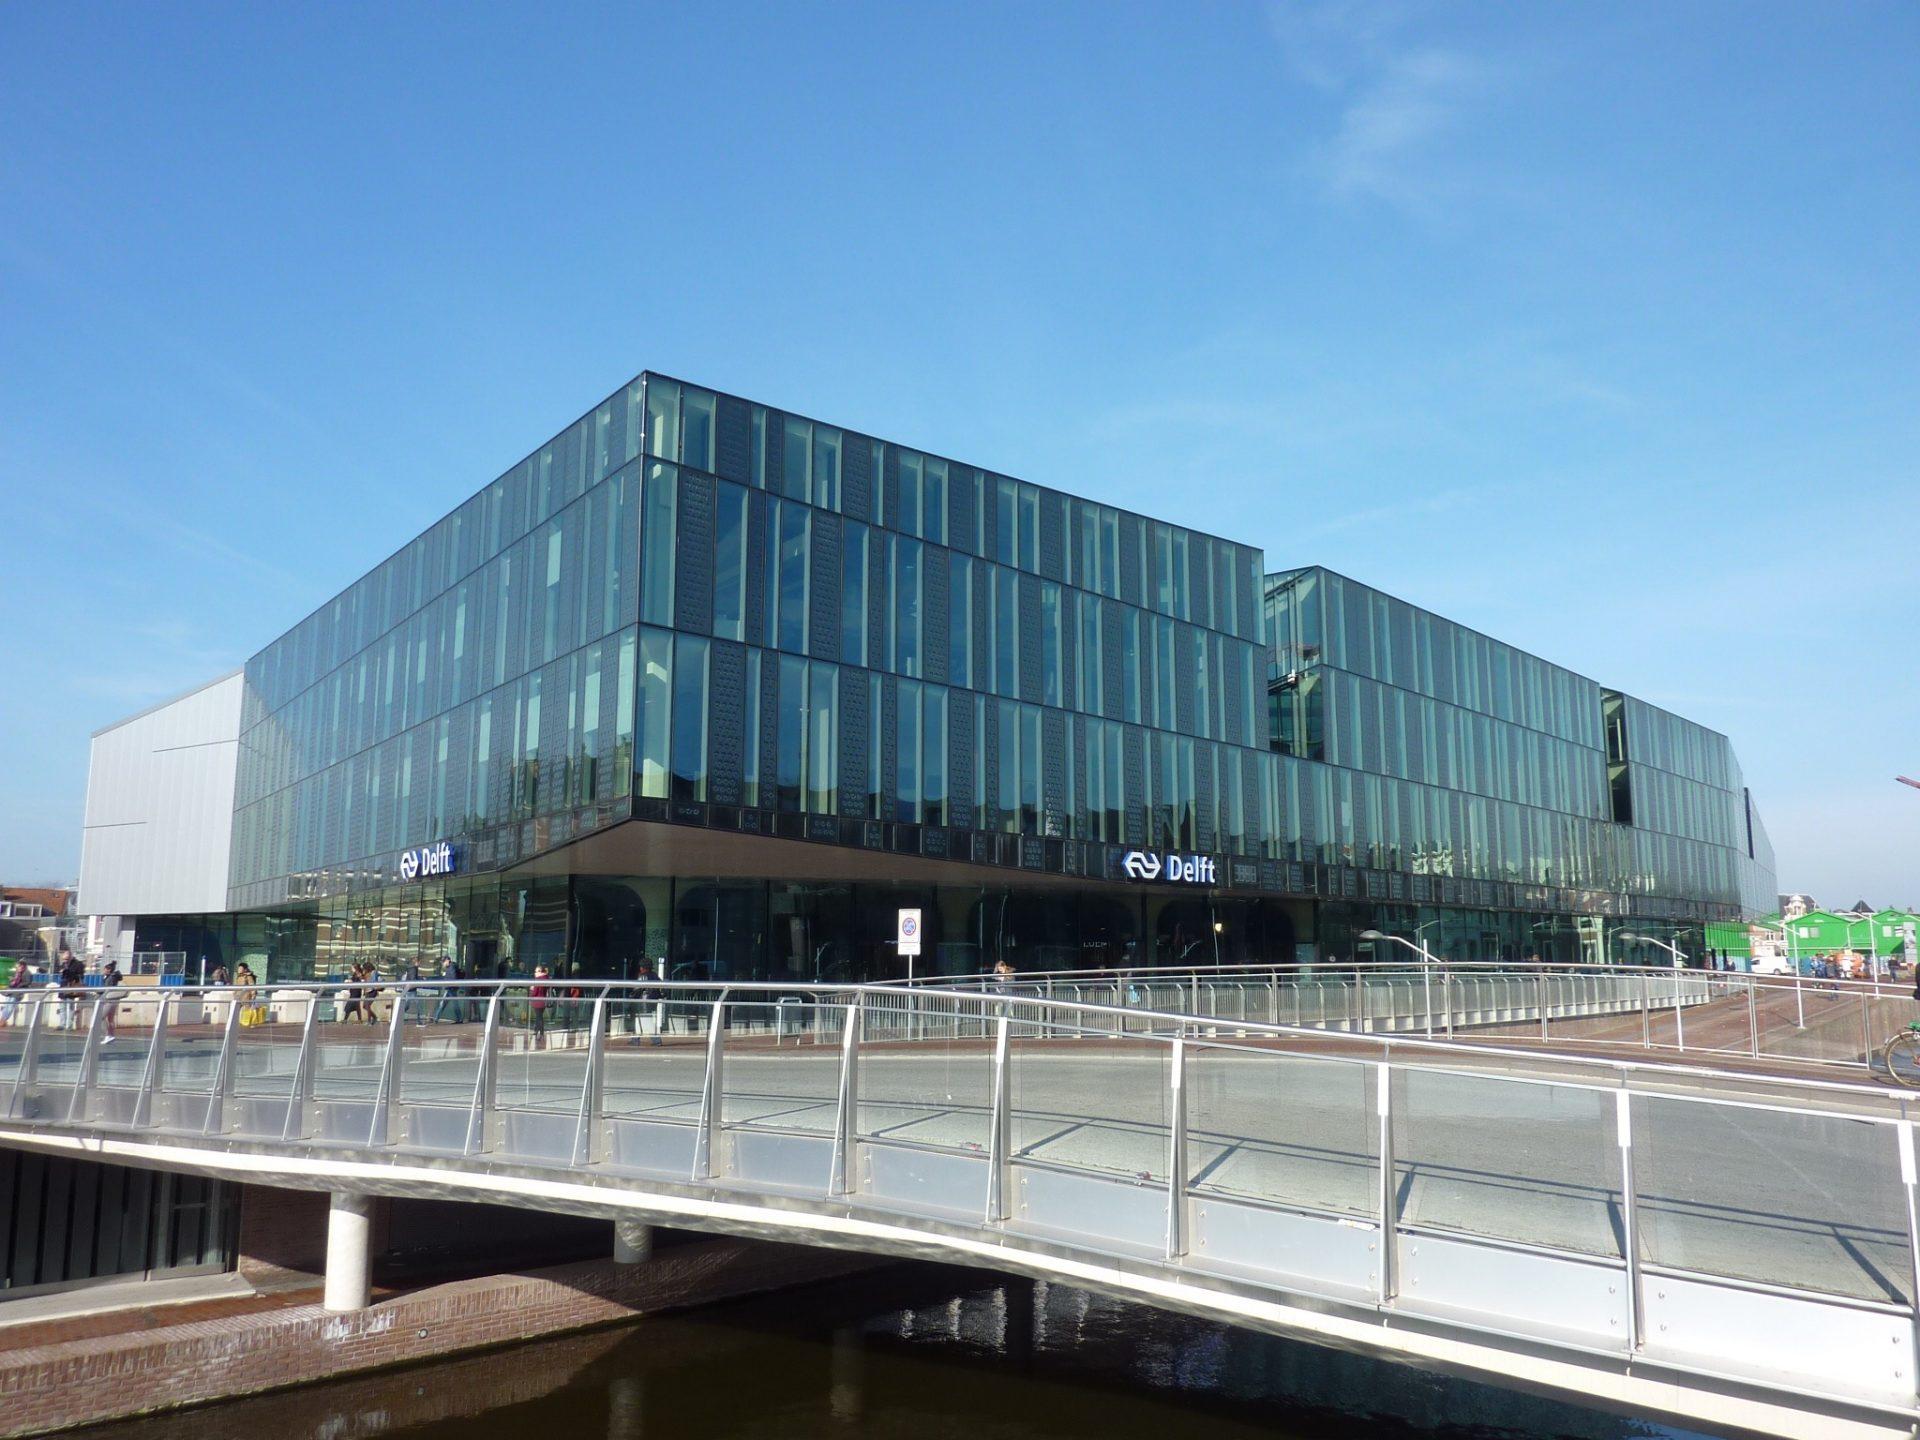 Het Nieuwe Kantoor : Delft overzichtsfoto het nieuwe kantoor delft van der mark van